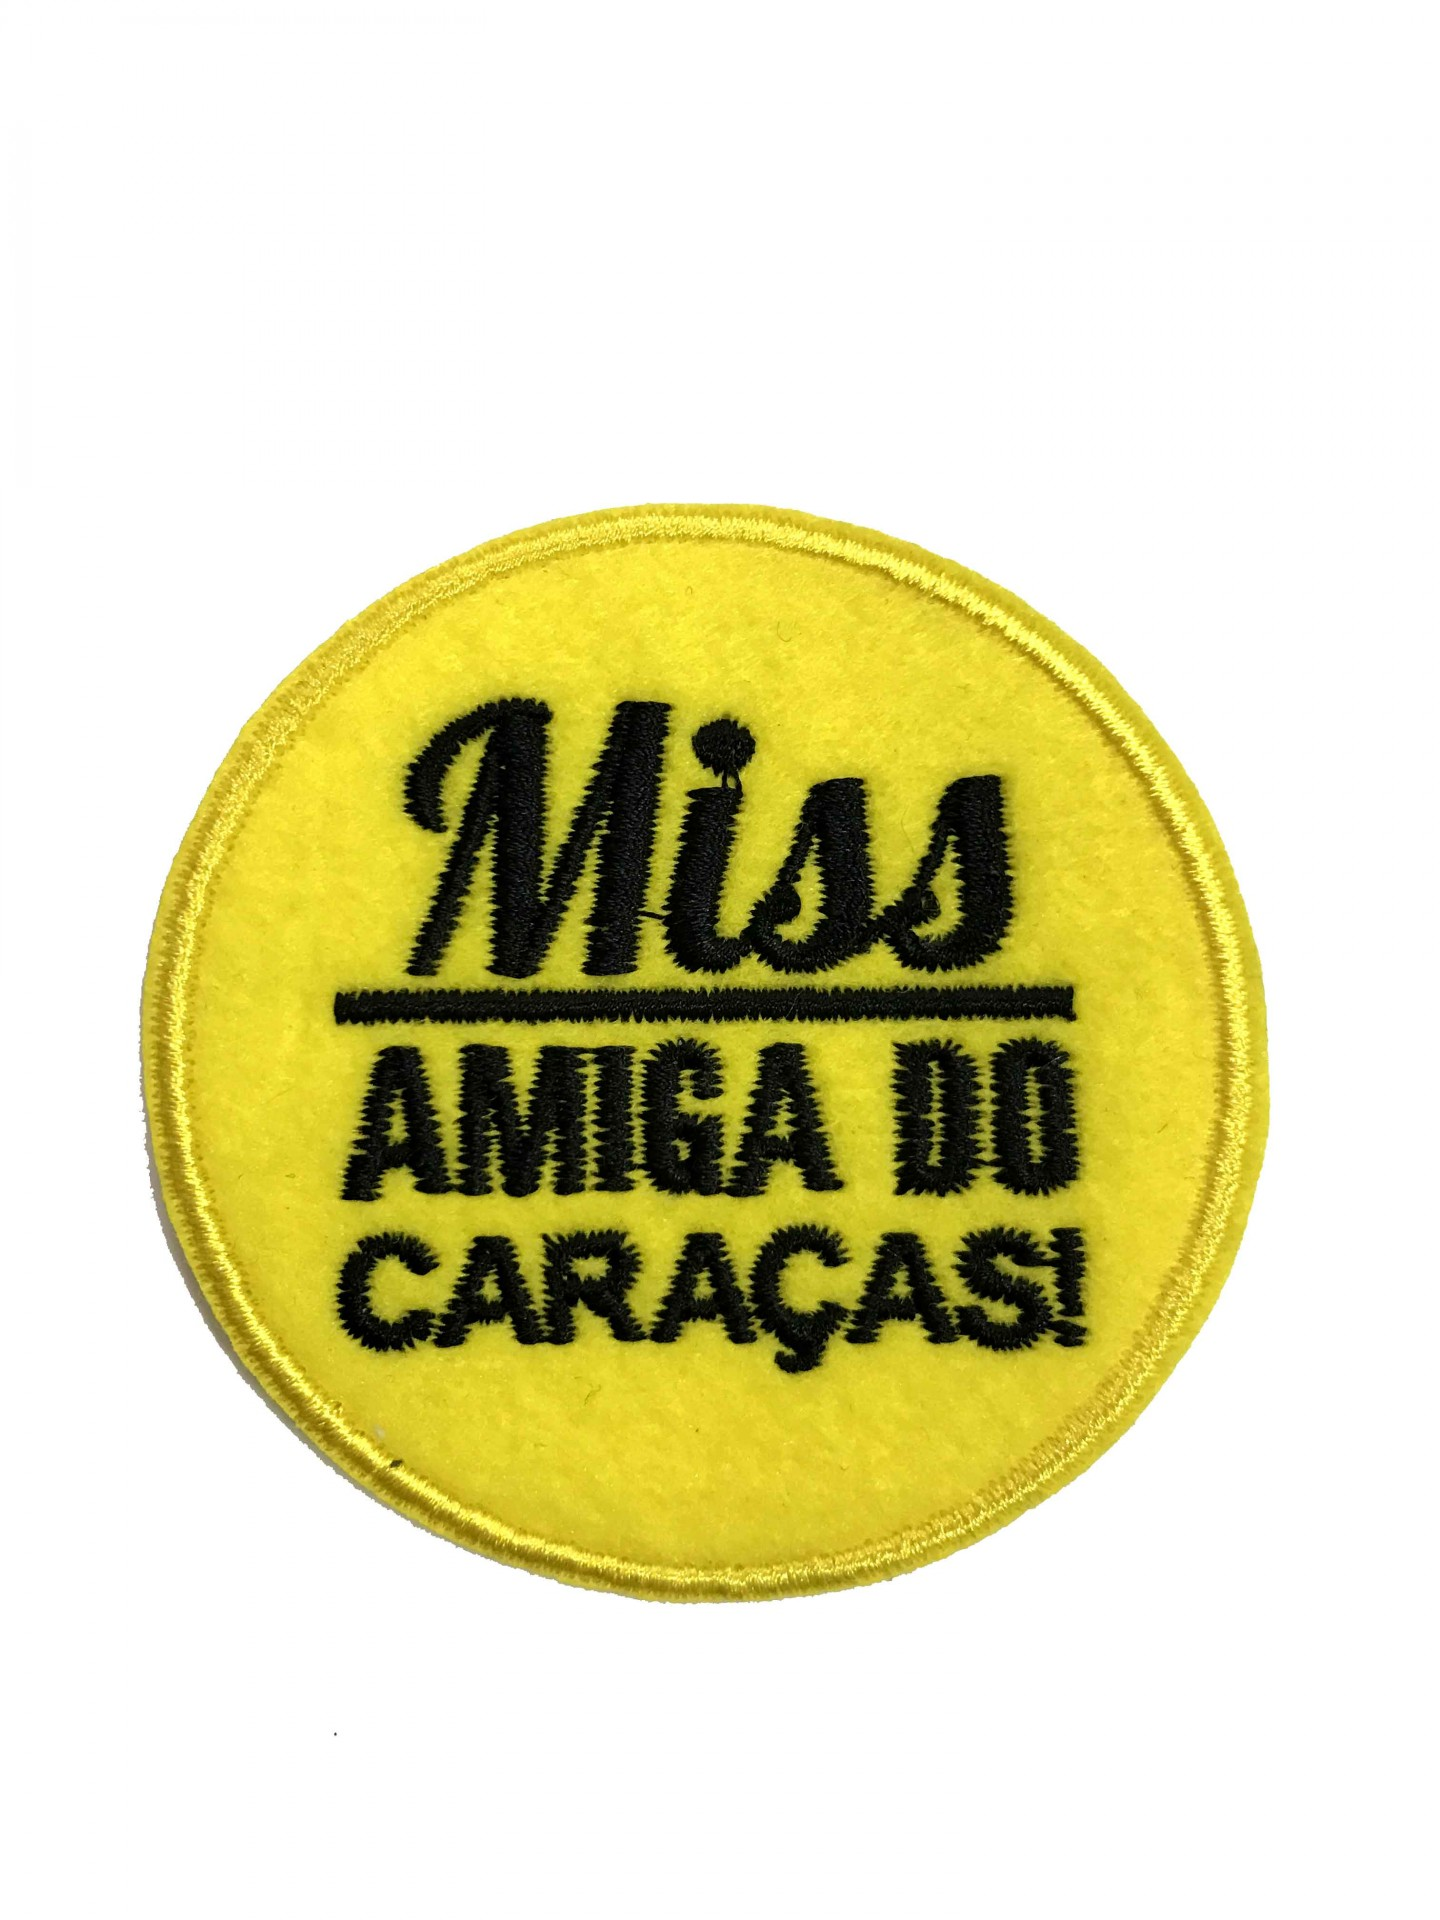 Emblema Miss amiga do caraças